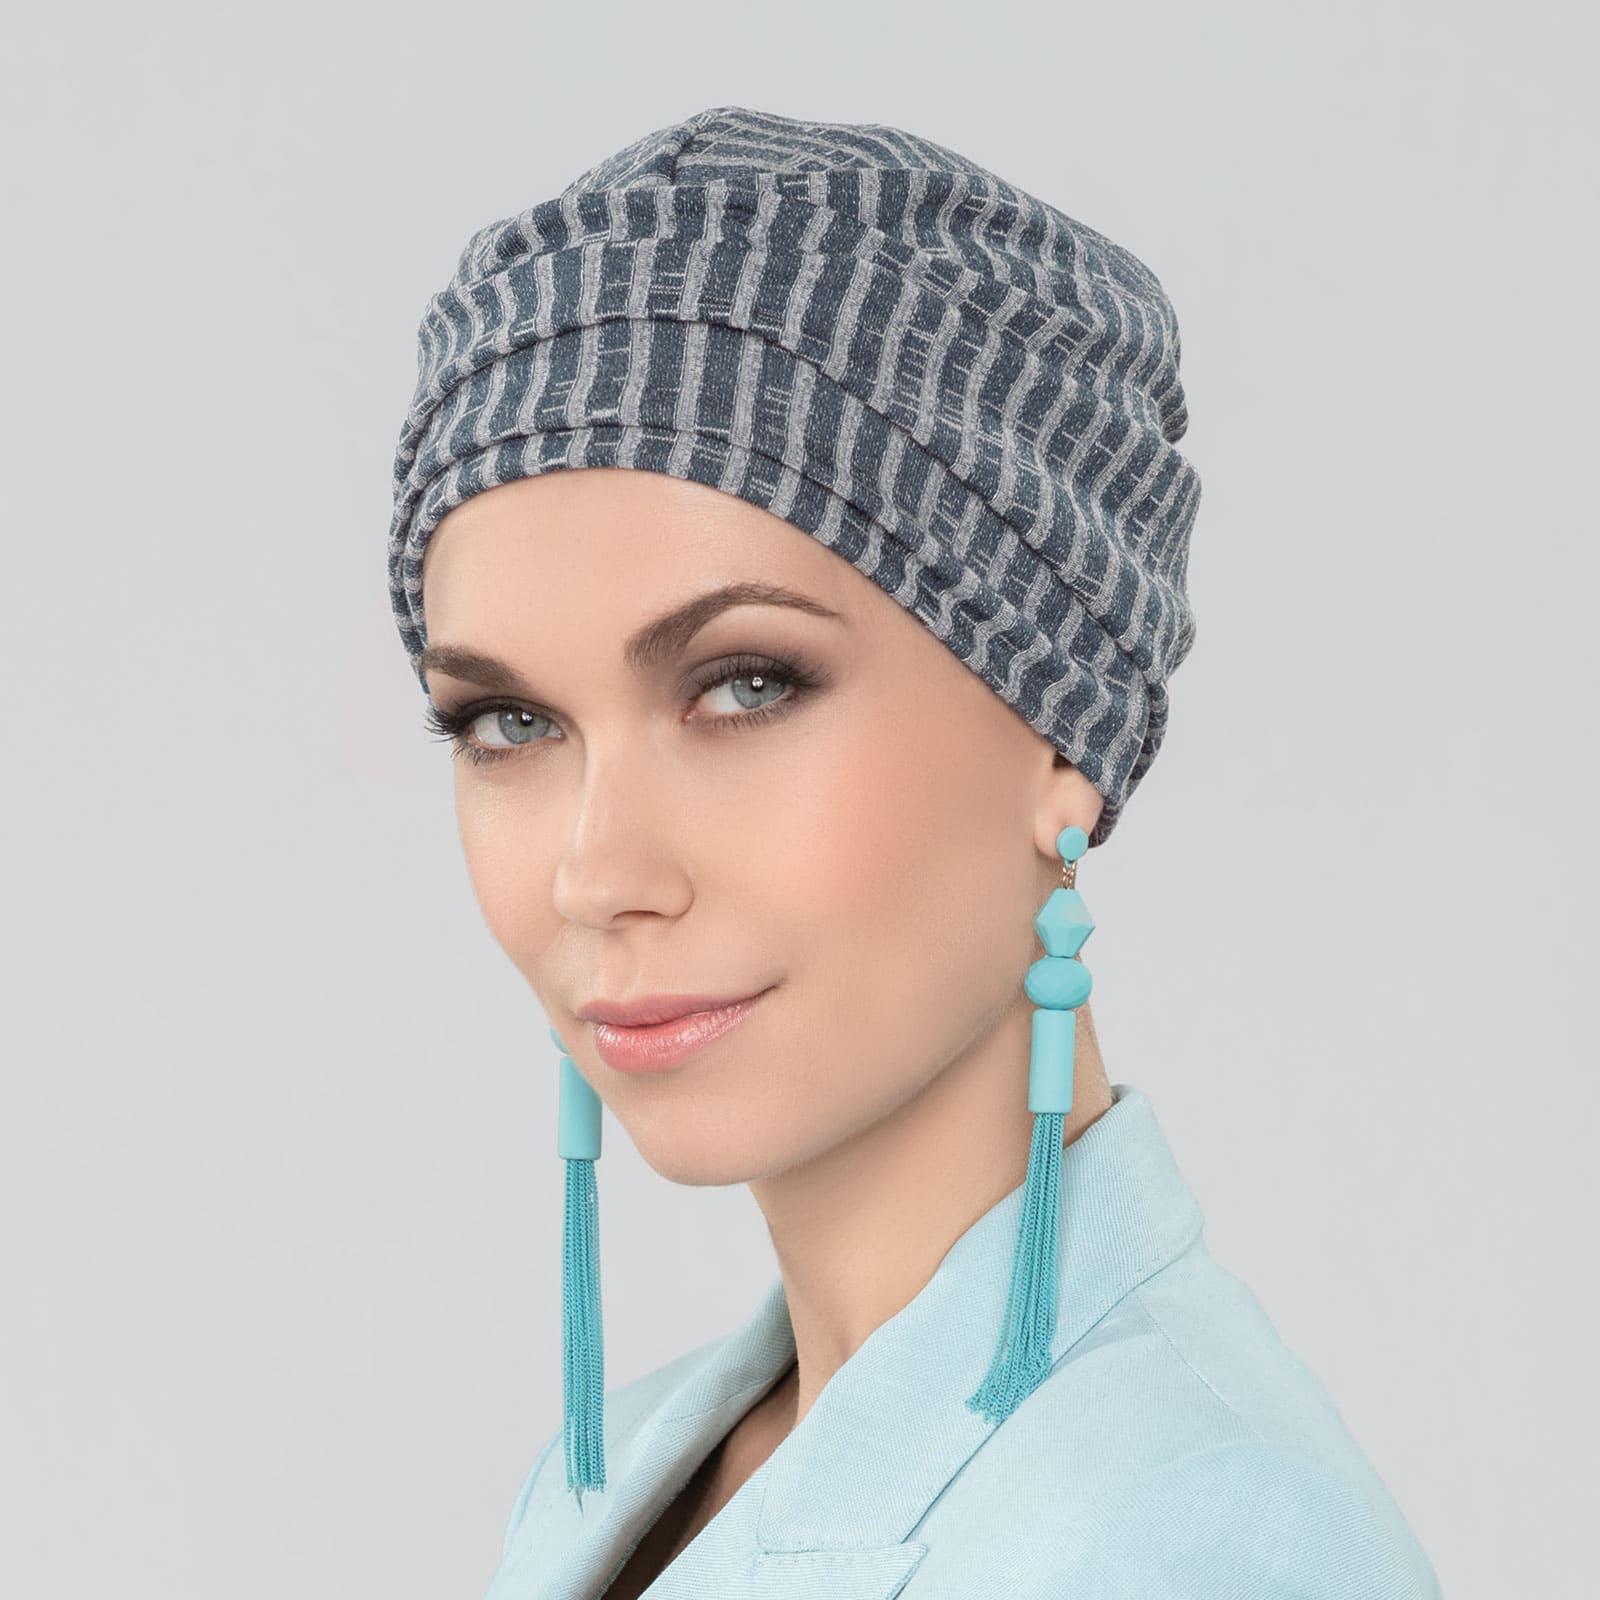 Ellen Wille Kopfbedeckung - Avani